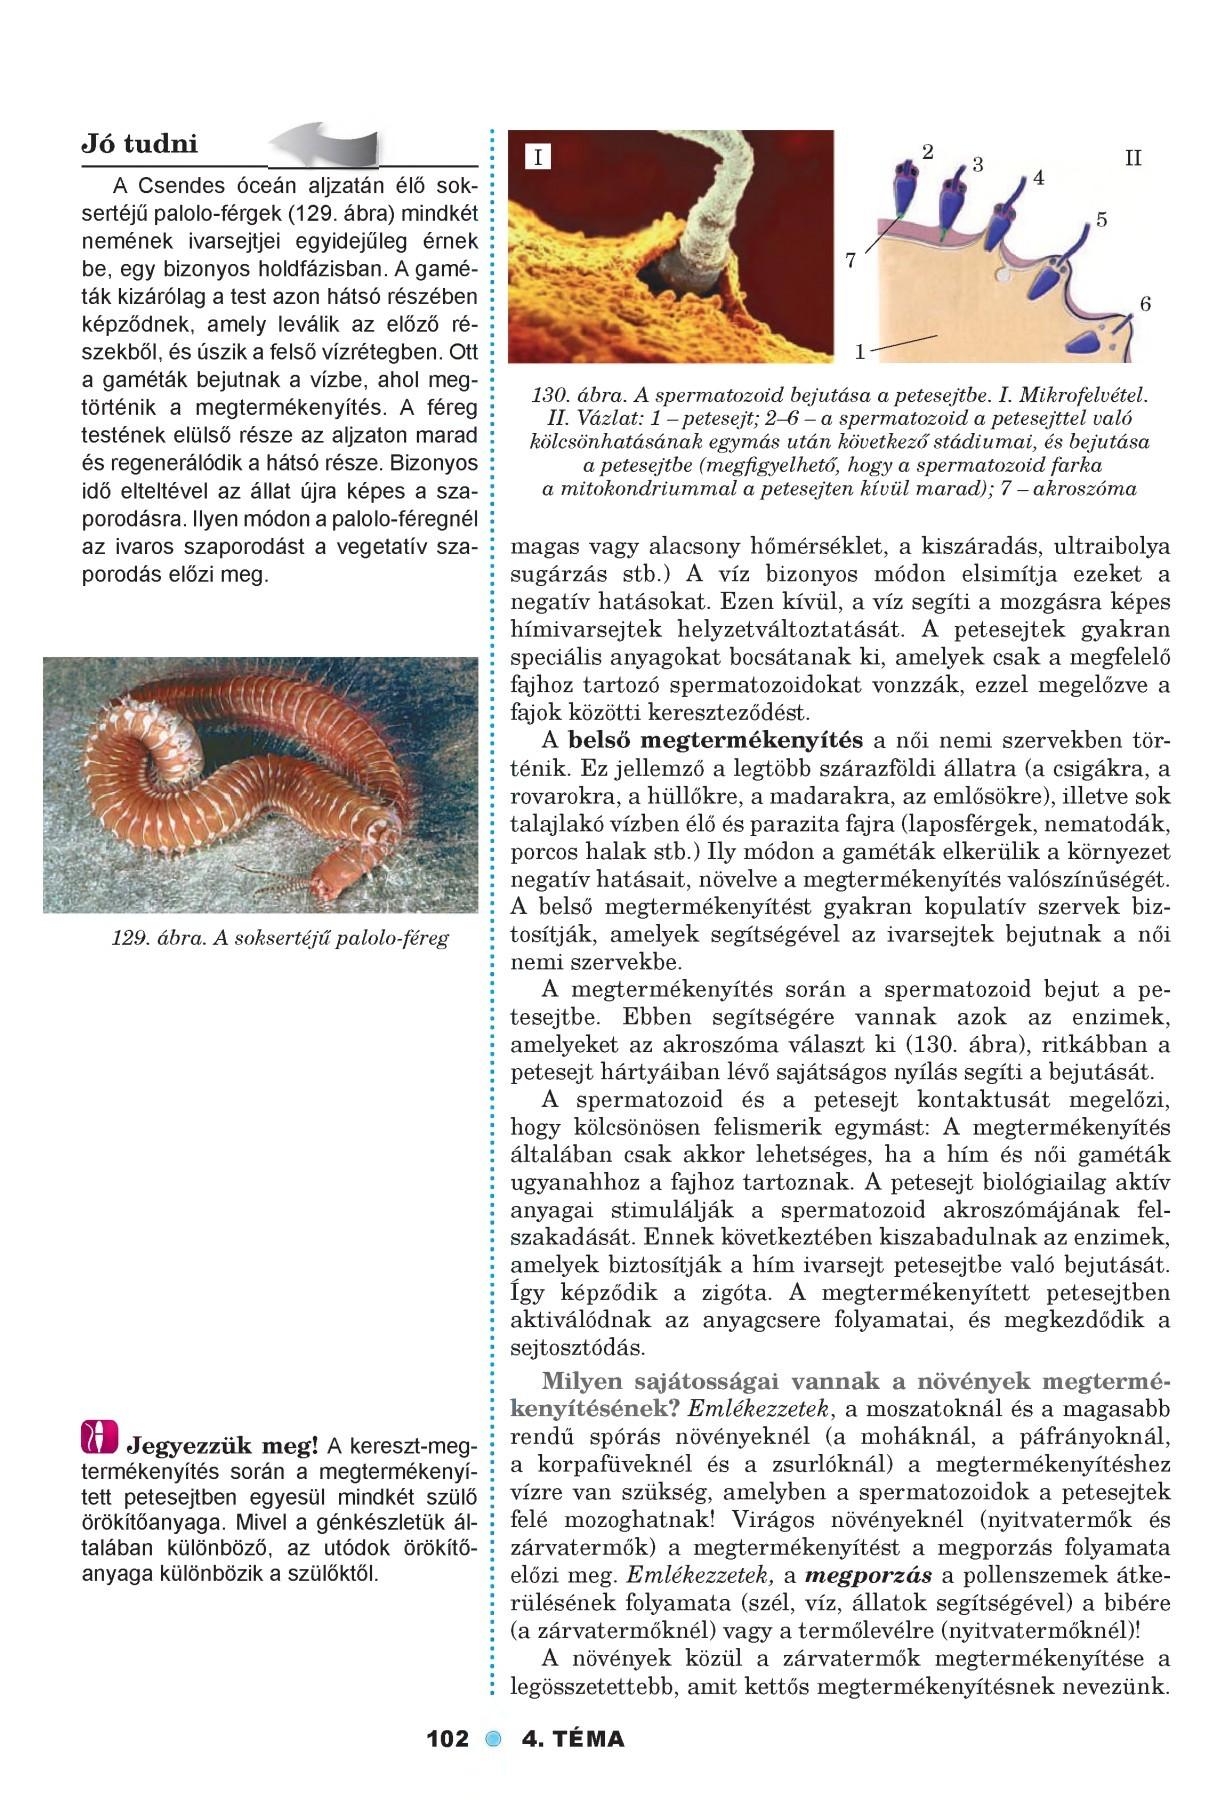 a férgek kezelésének hagyományos módszerei felnőttekben)